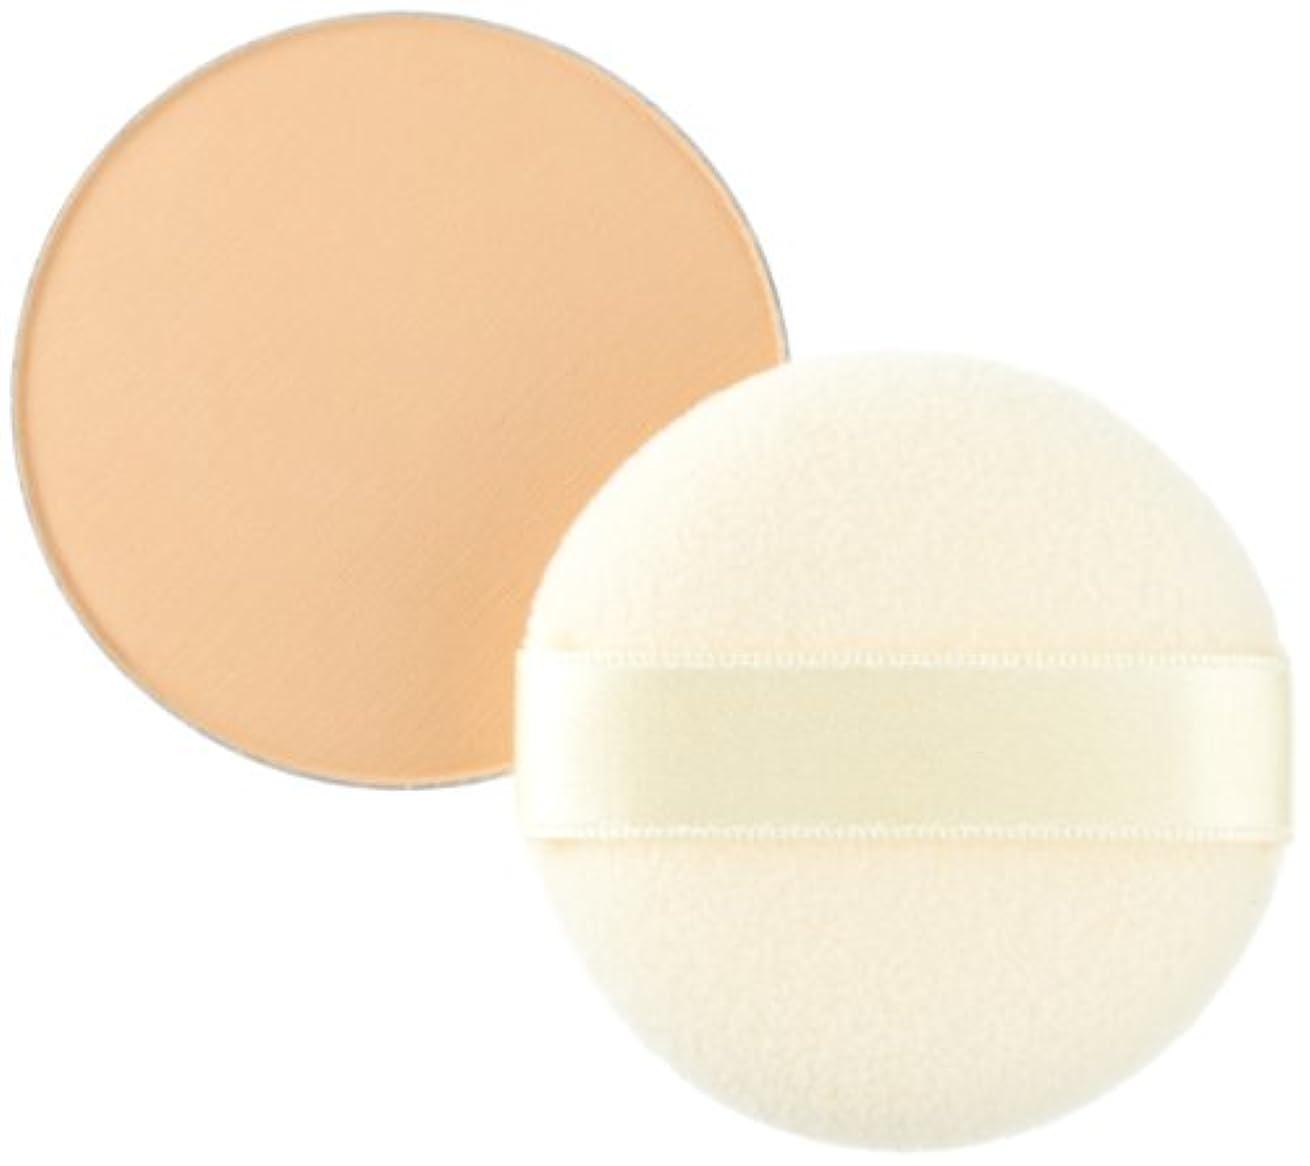 窓を洗うリネン苦痛KOSE コーセー ノア ホワイト&モイスチュア BBミネラルプレストパウダー UV 01詰替え (8g)